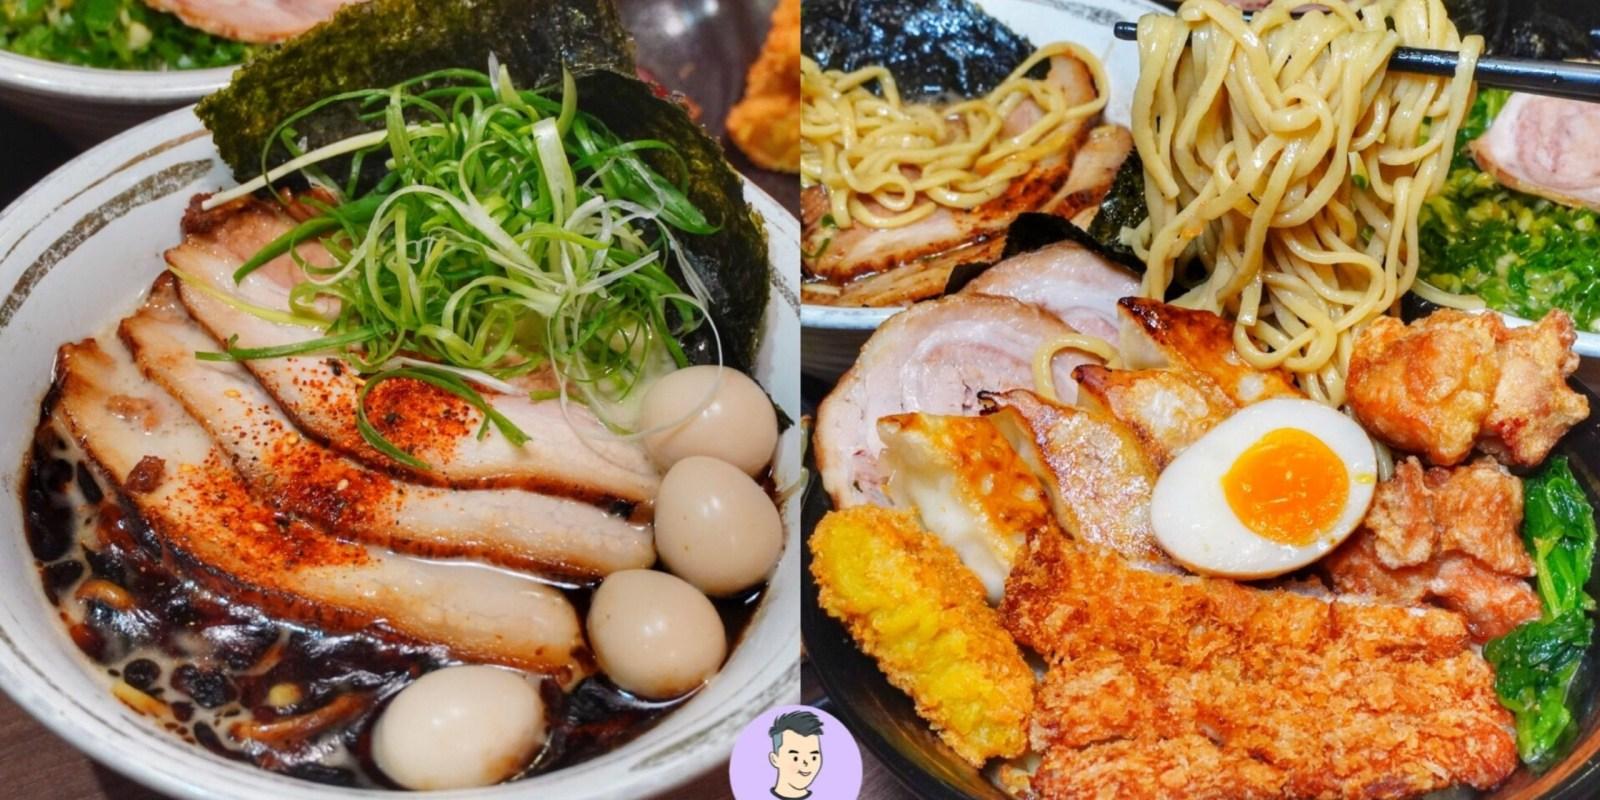 【嘉義拉麵】元町家 橫濱家系拉麵 只賣三個月的「黑蒜五花豚拉麵」期間限定款!這家竟可以免費加湯喝到飽